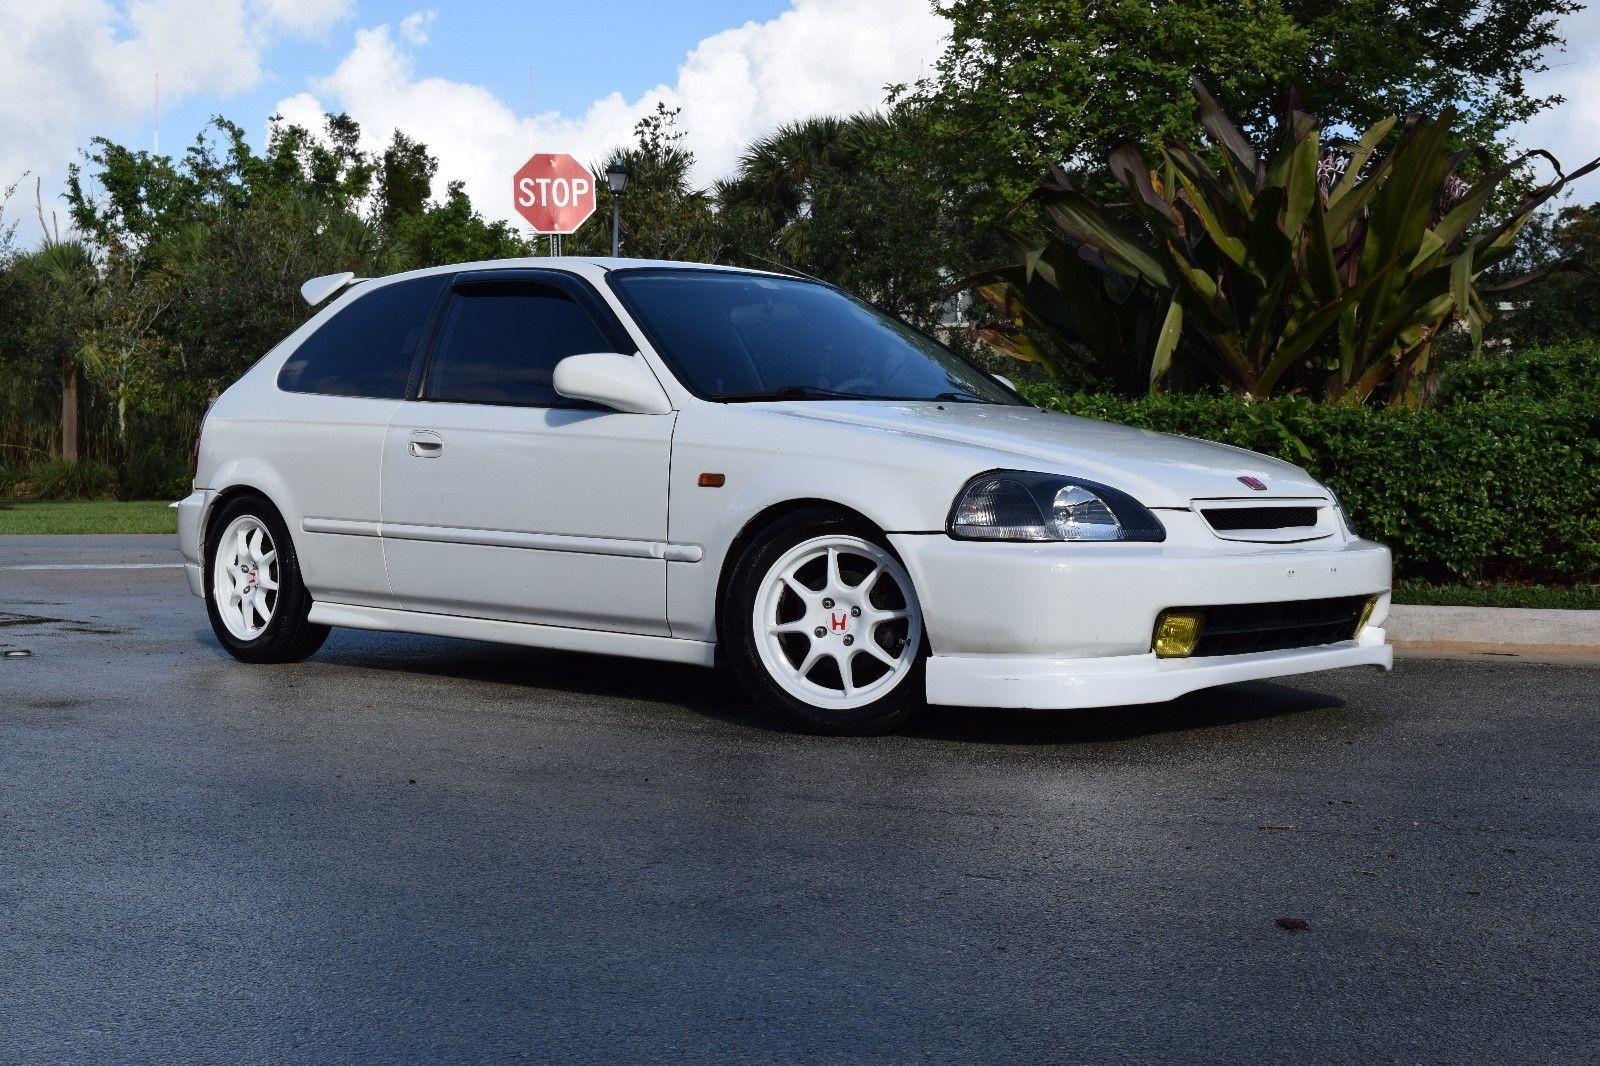 Great 1996 honda civic hatchback honda civic 1996 - 1996 honda civic hatchback interior ...